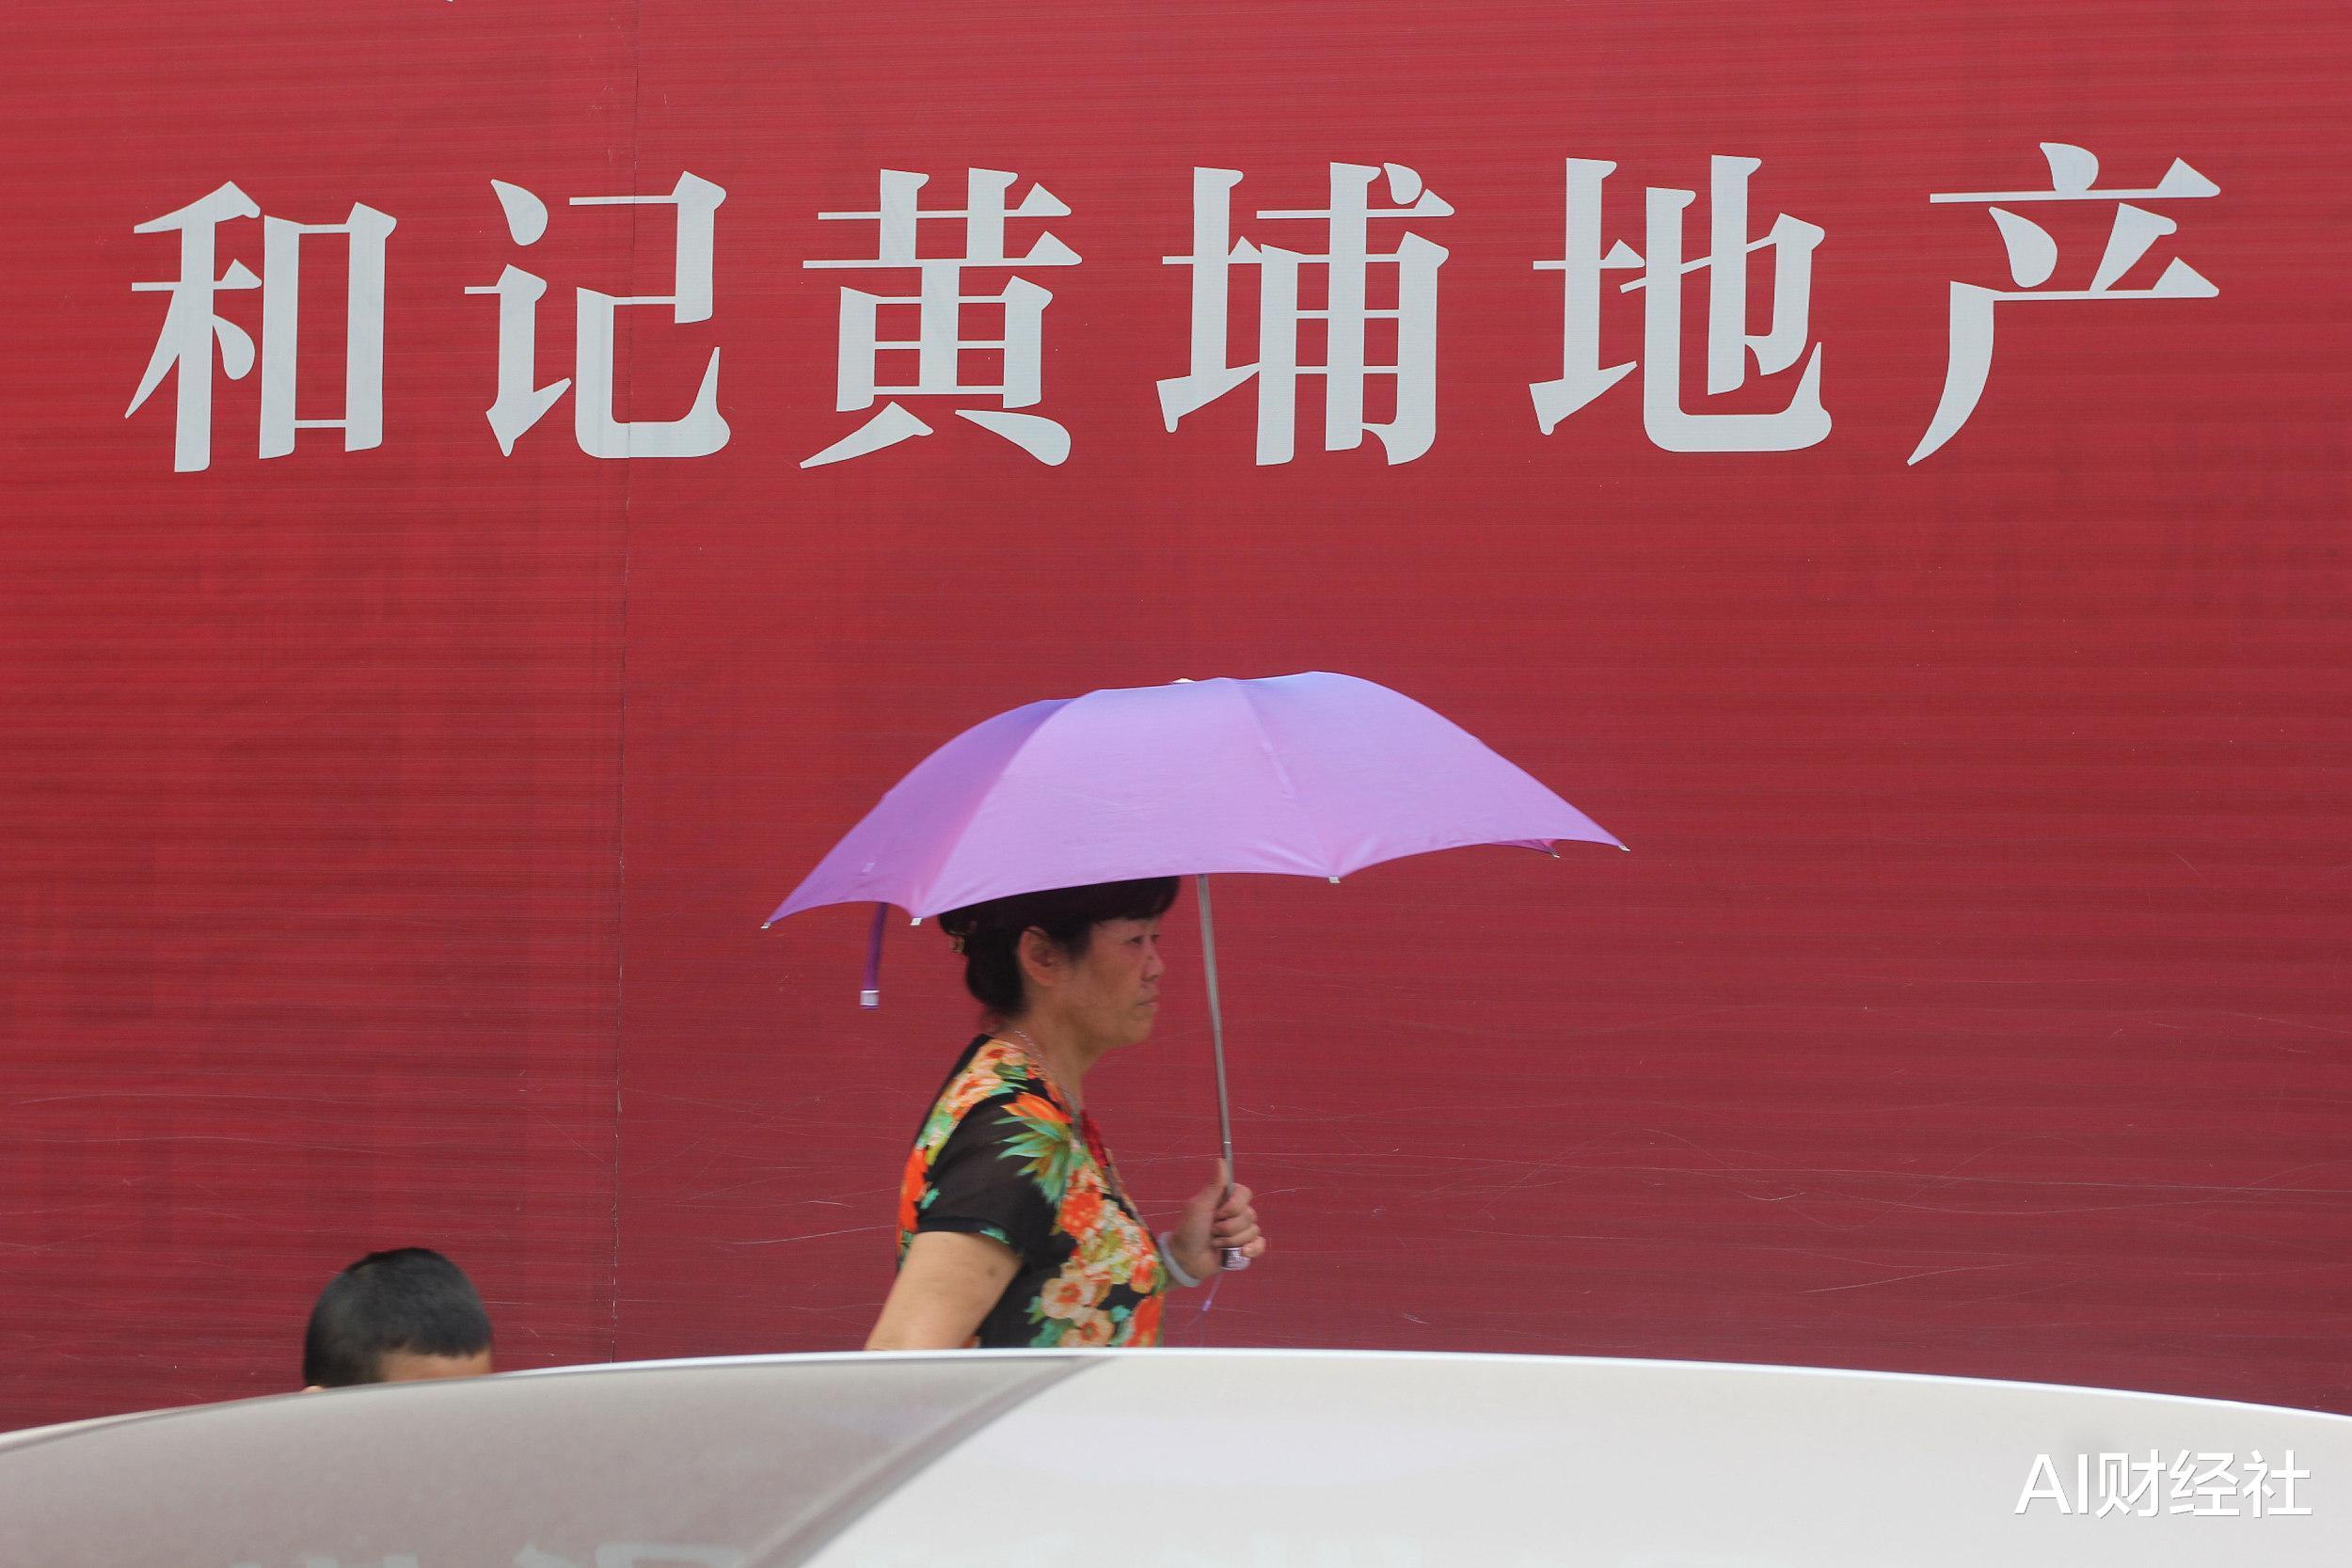 李嘉诚捂盘16年转手卖78亿,成都官方:正对有关项目进行查处